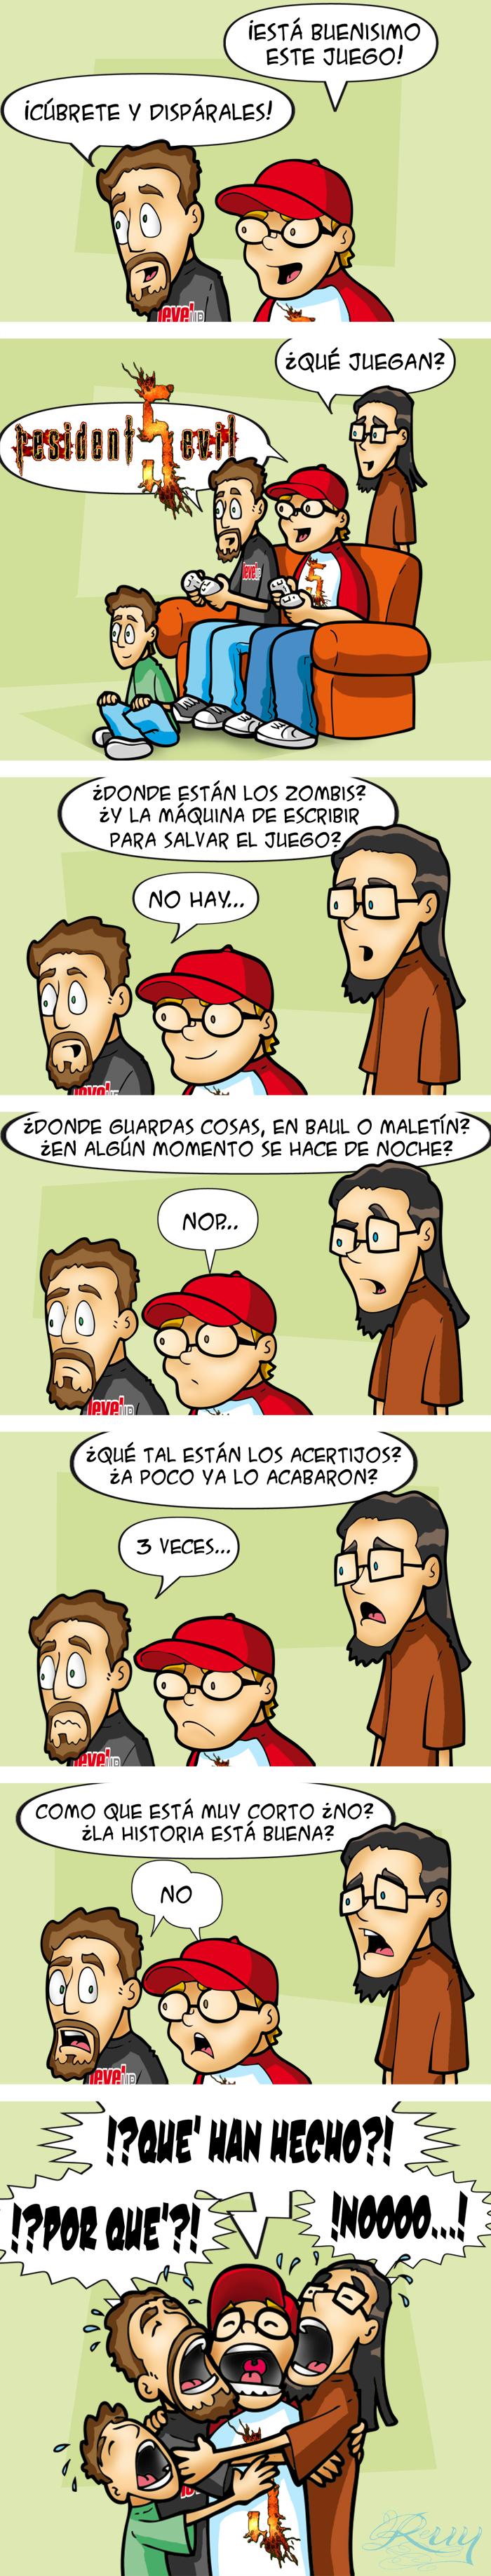 Nostalgia Gamer El drama